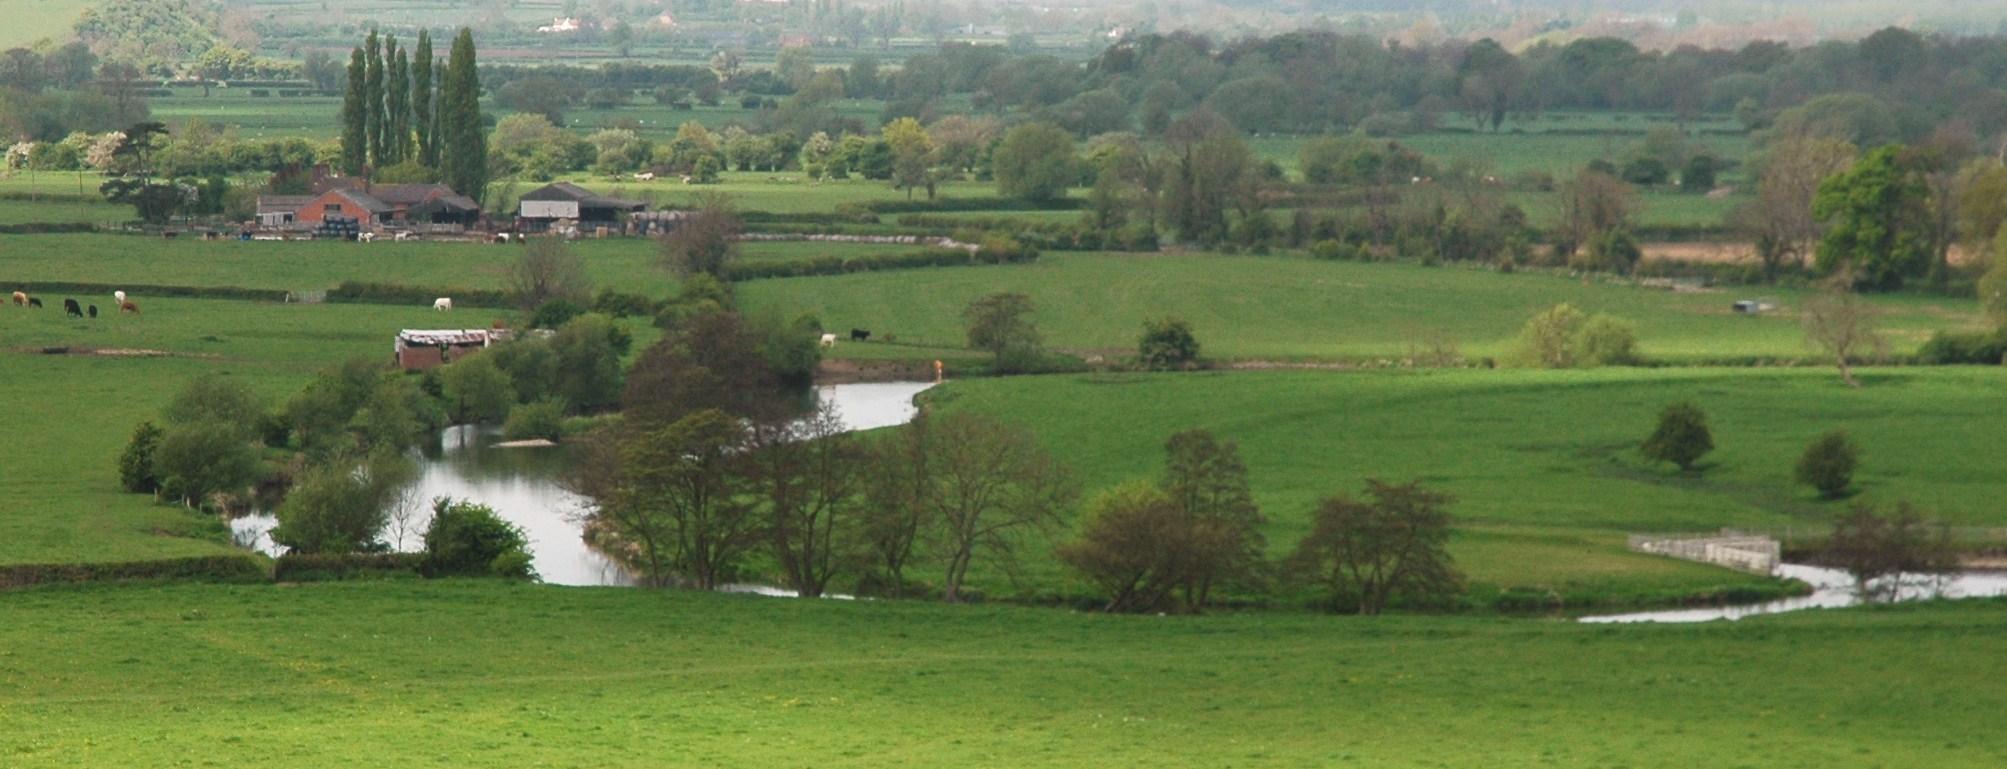 Rural Broadband Fibre England